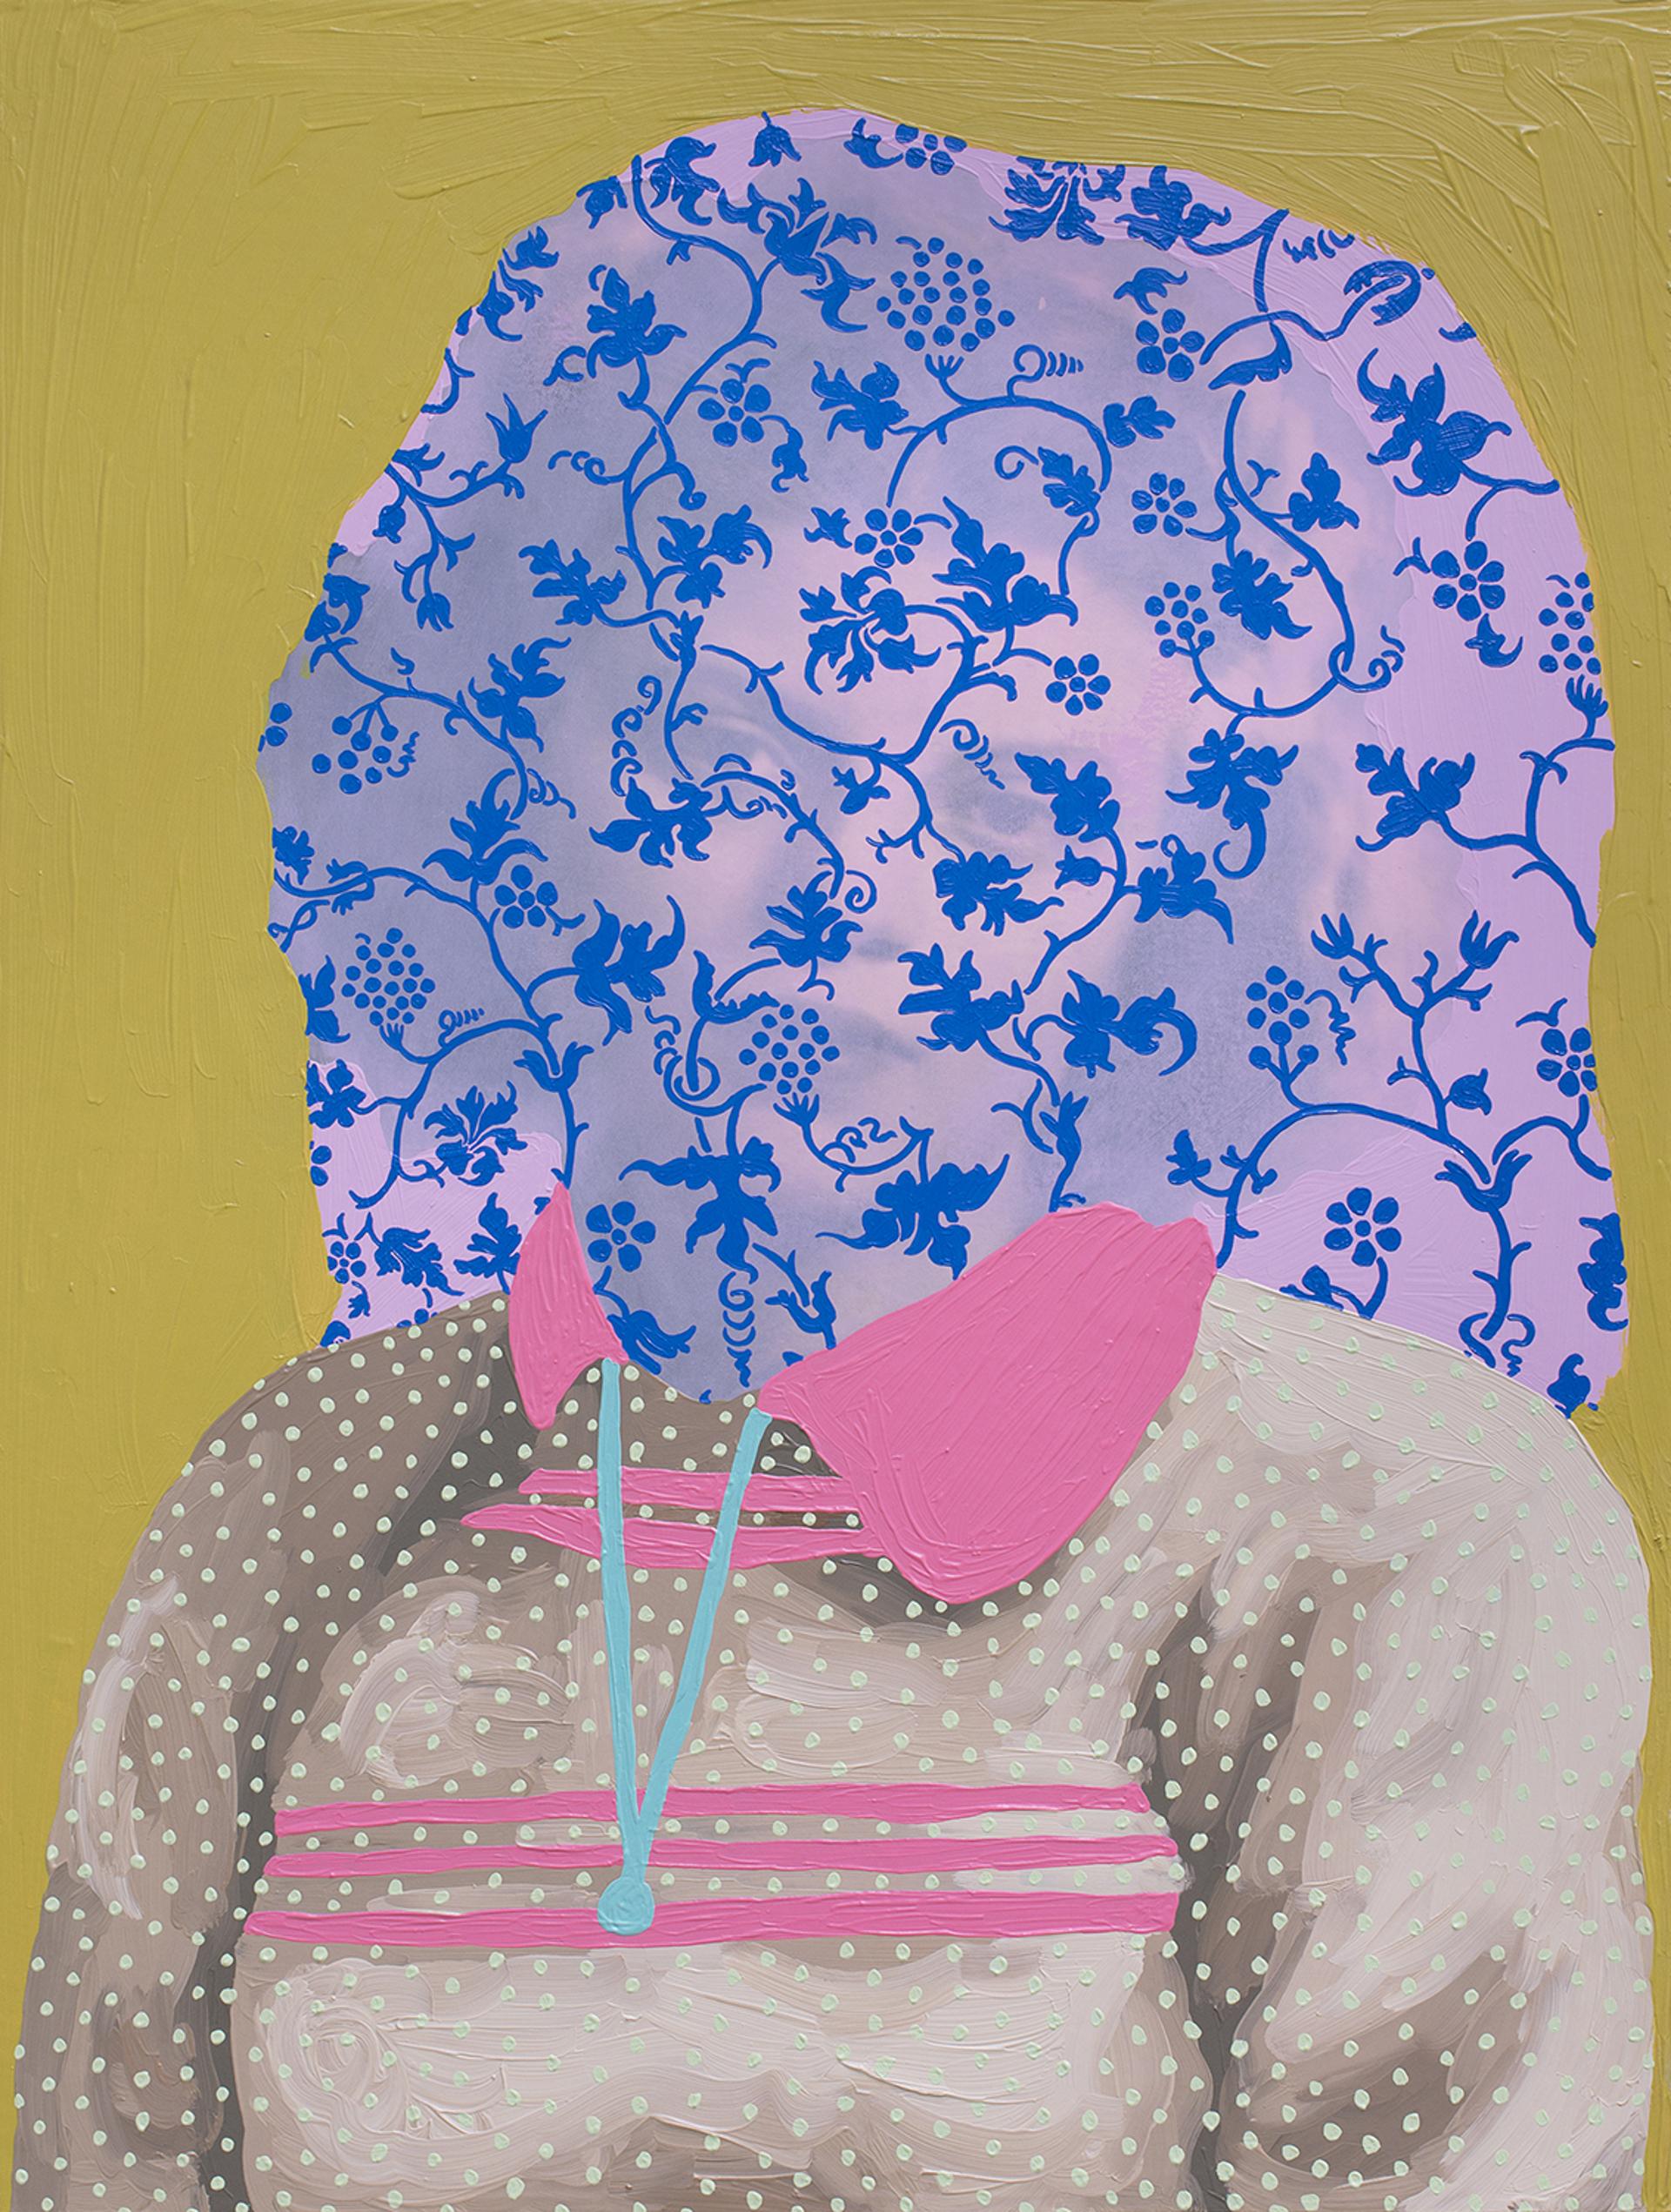 Untitled (Подофъаш шіъедт си за епошѣі ѵа дофата ми прѣтеижа Доиѵъето от Радпьои) by Daisy Patton